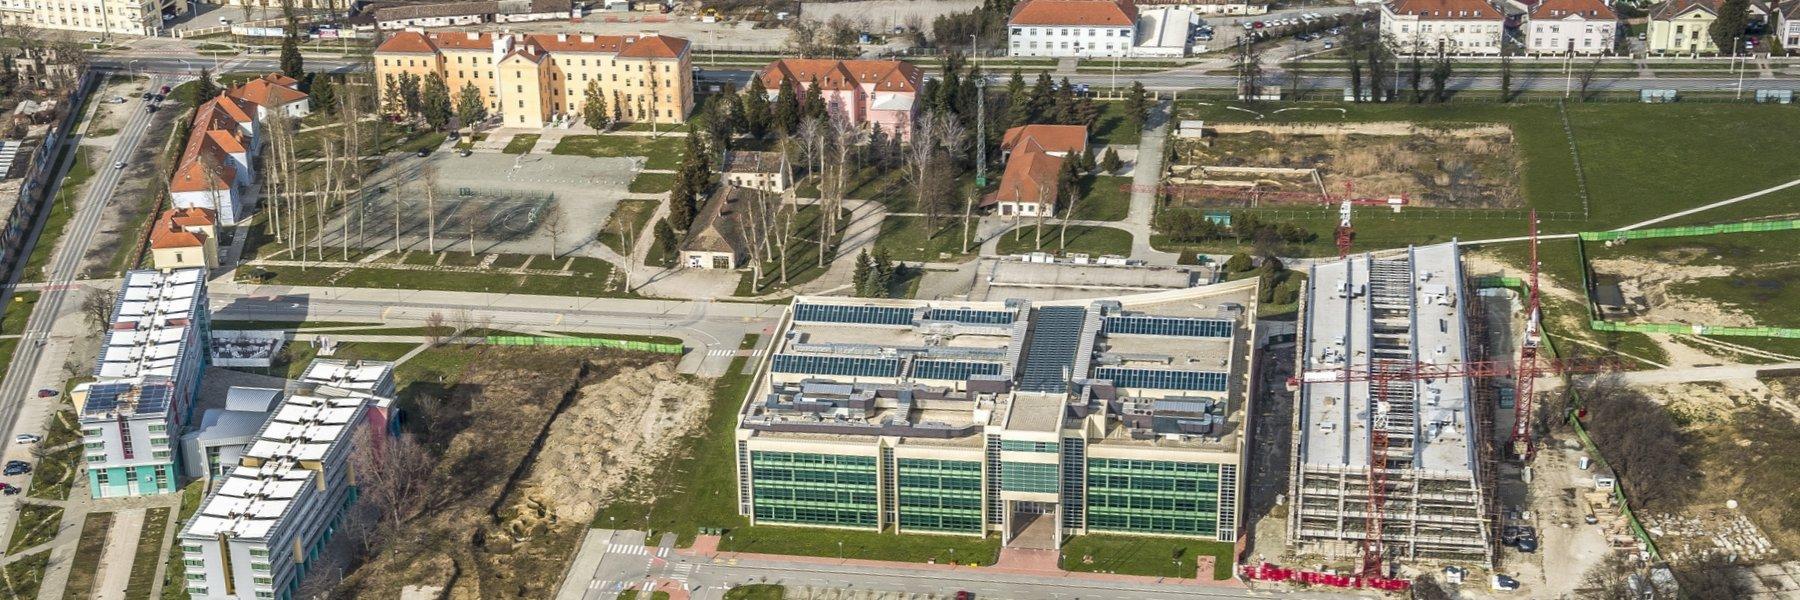 Otvorena nova zgrada Građevinskog fakulteta Osijek u sveučilišnom kampusu